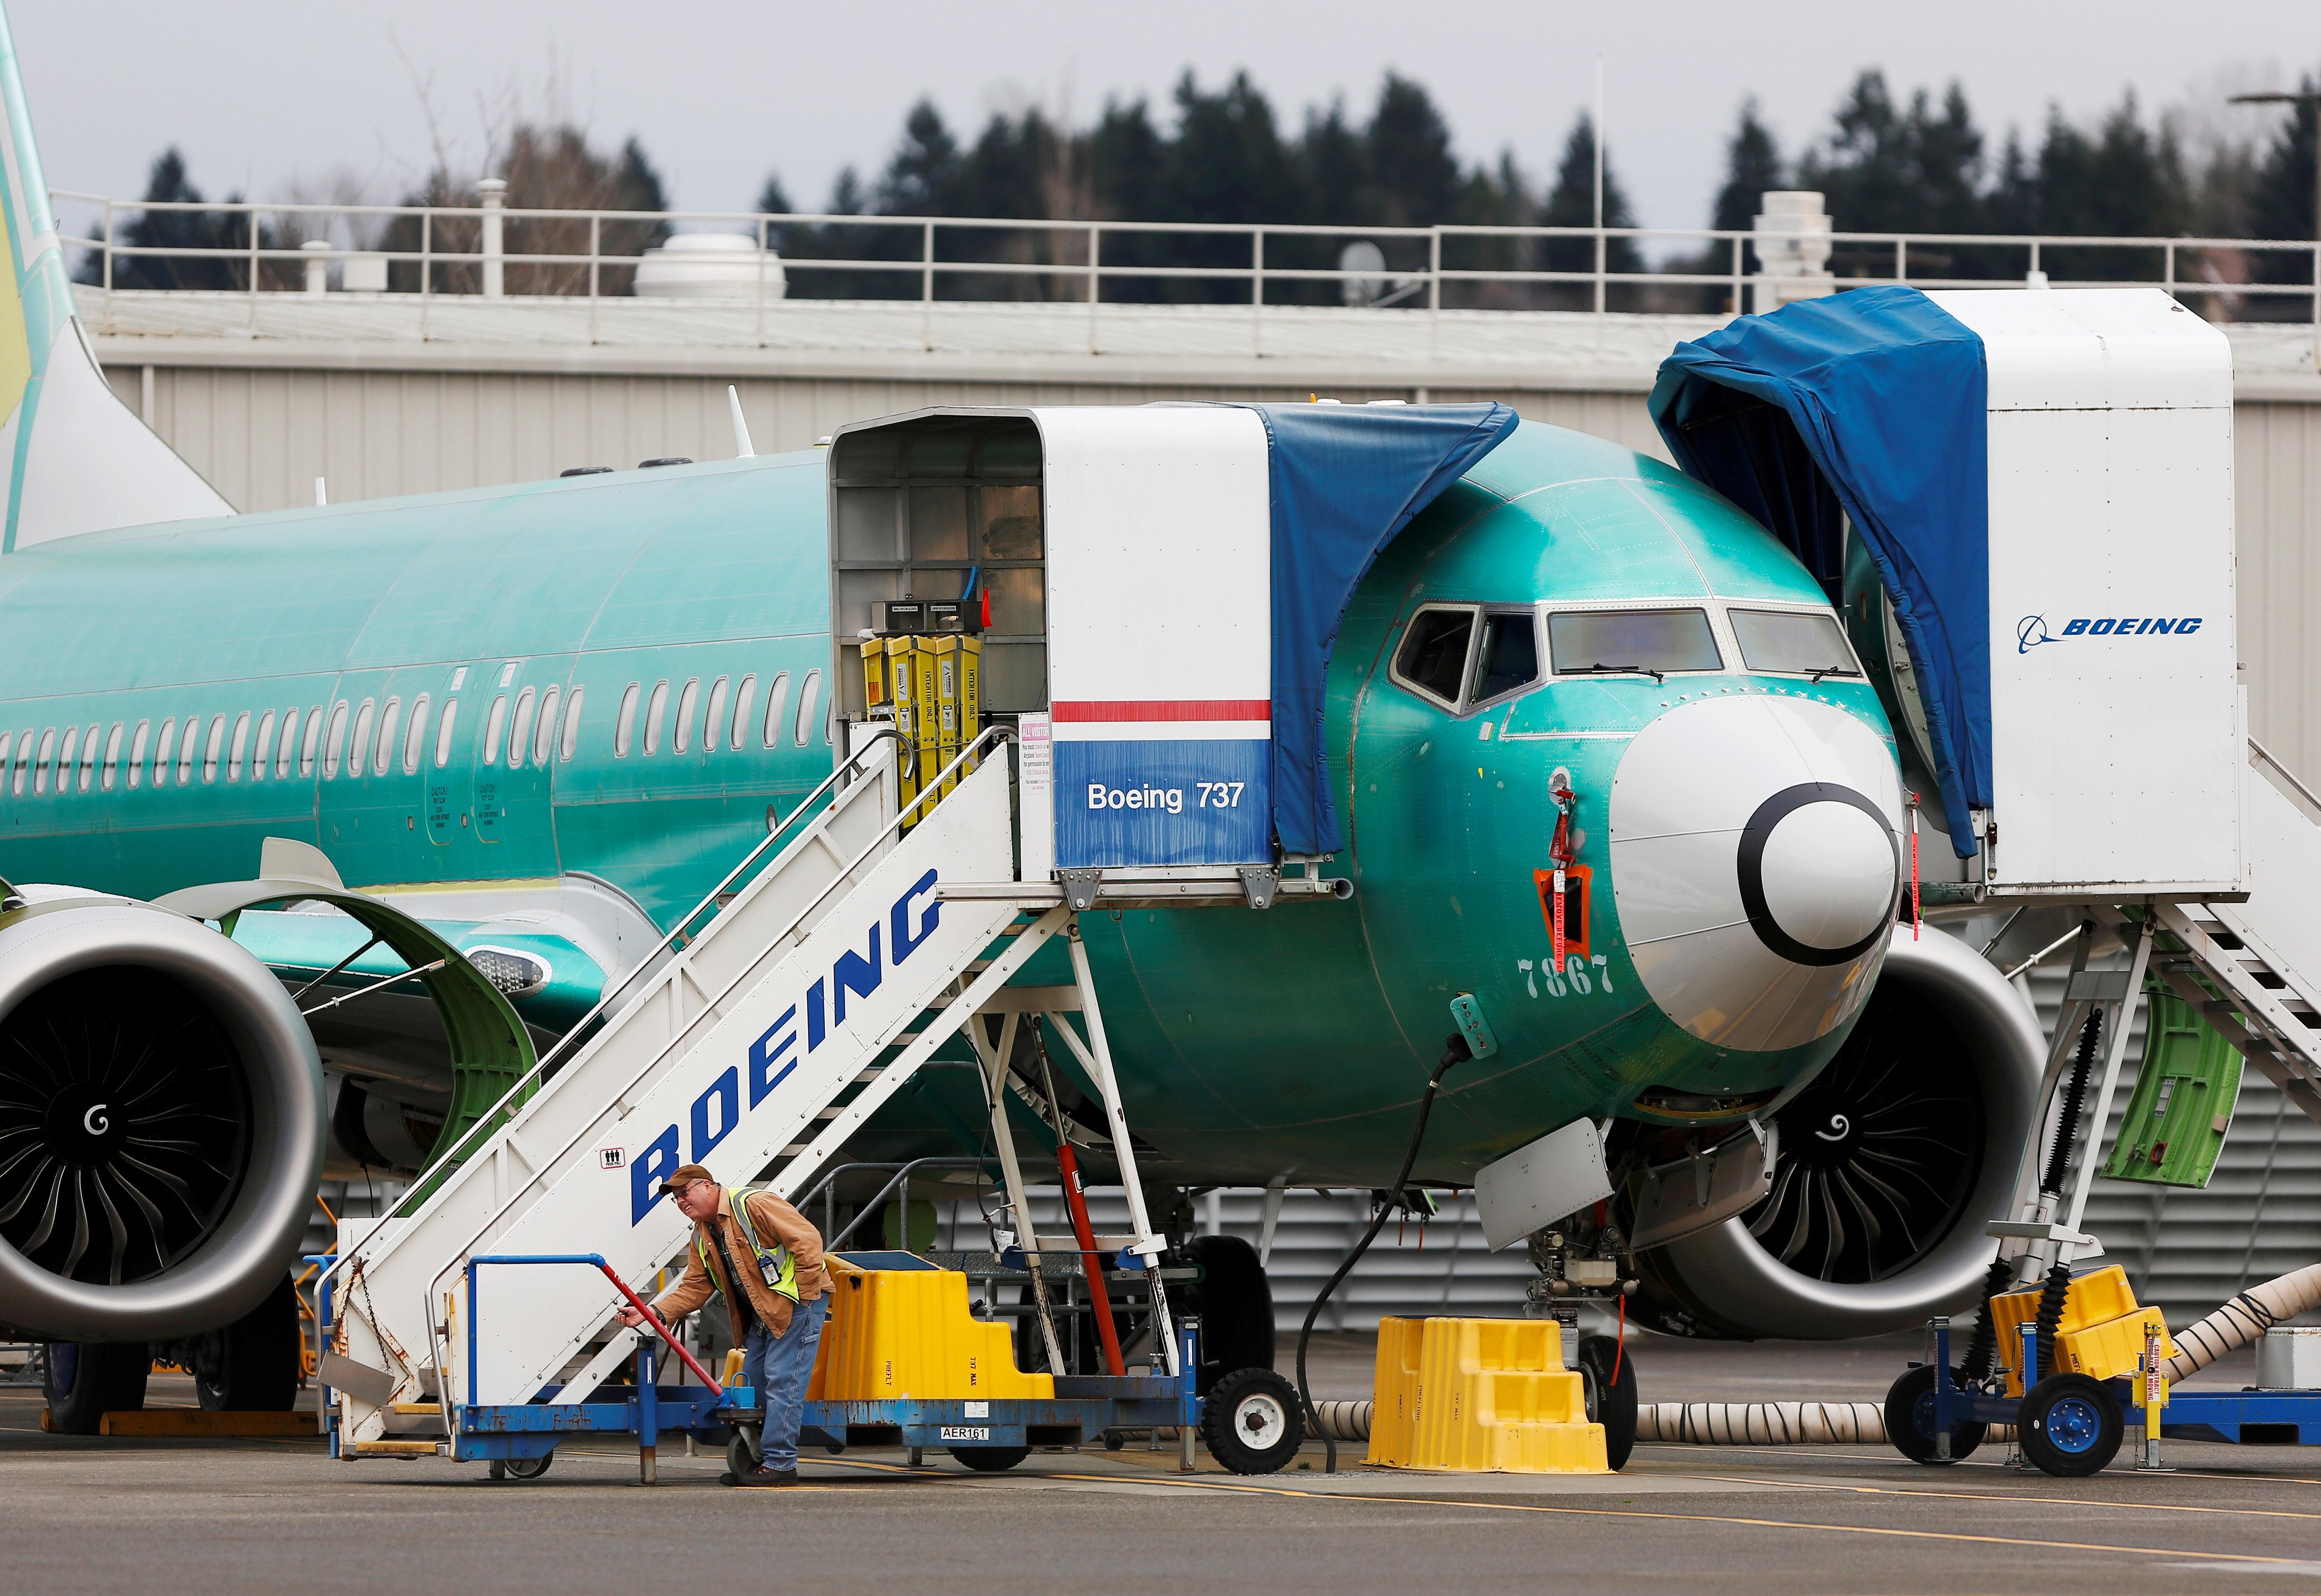 American Airlines planeja retomar voos com Boeing 737 Max até fim do ano